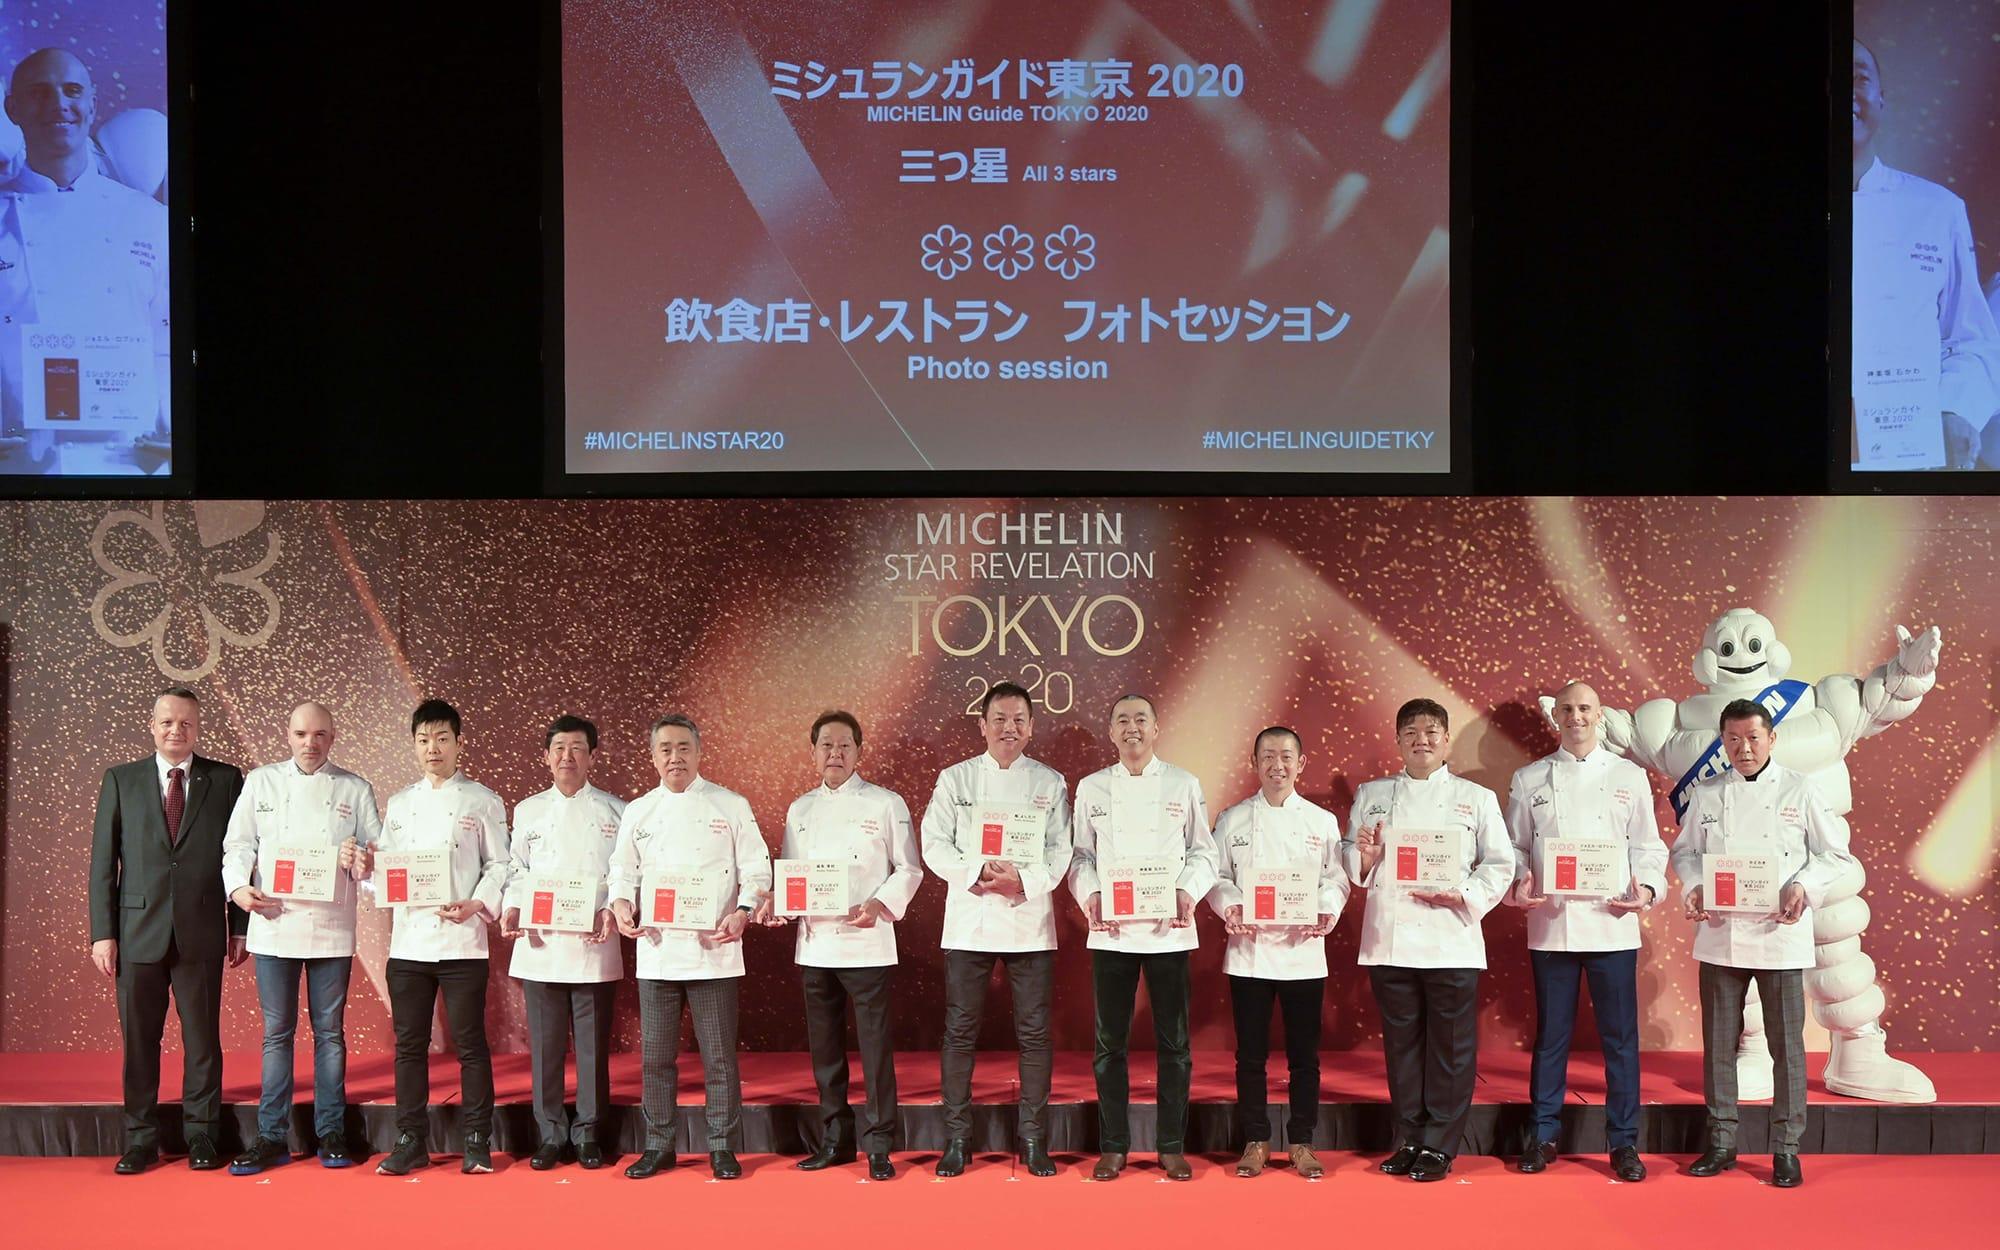 ミシュランガイド東京2020の表彰式。2020年は三つ星11店、二つ星48店、一つ星167店が選ばれた。写真は三つ星店の代表たち。ドラマ「グランメゾン東京」では実際の表彰式シーンも放映された。https://guide.michelin.com/en